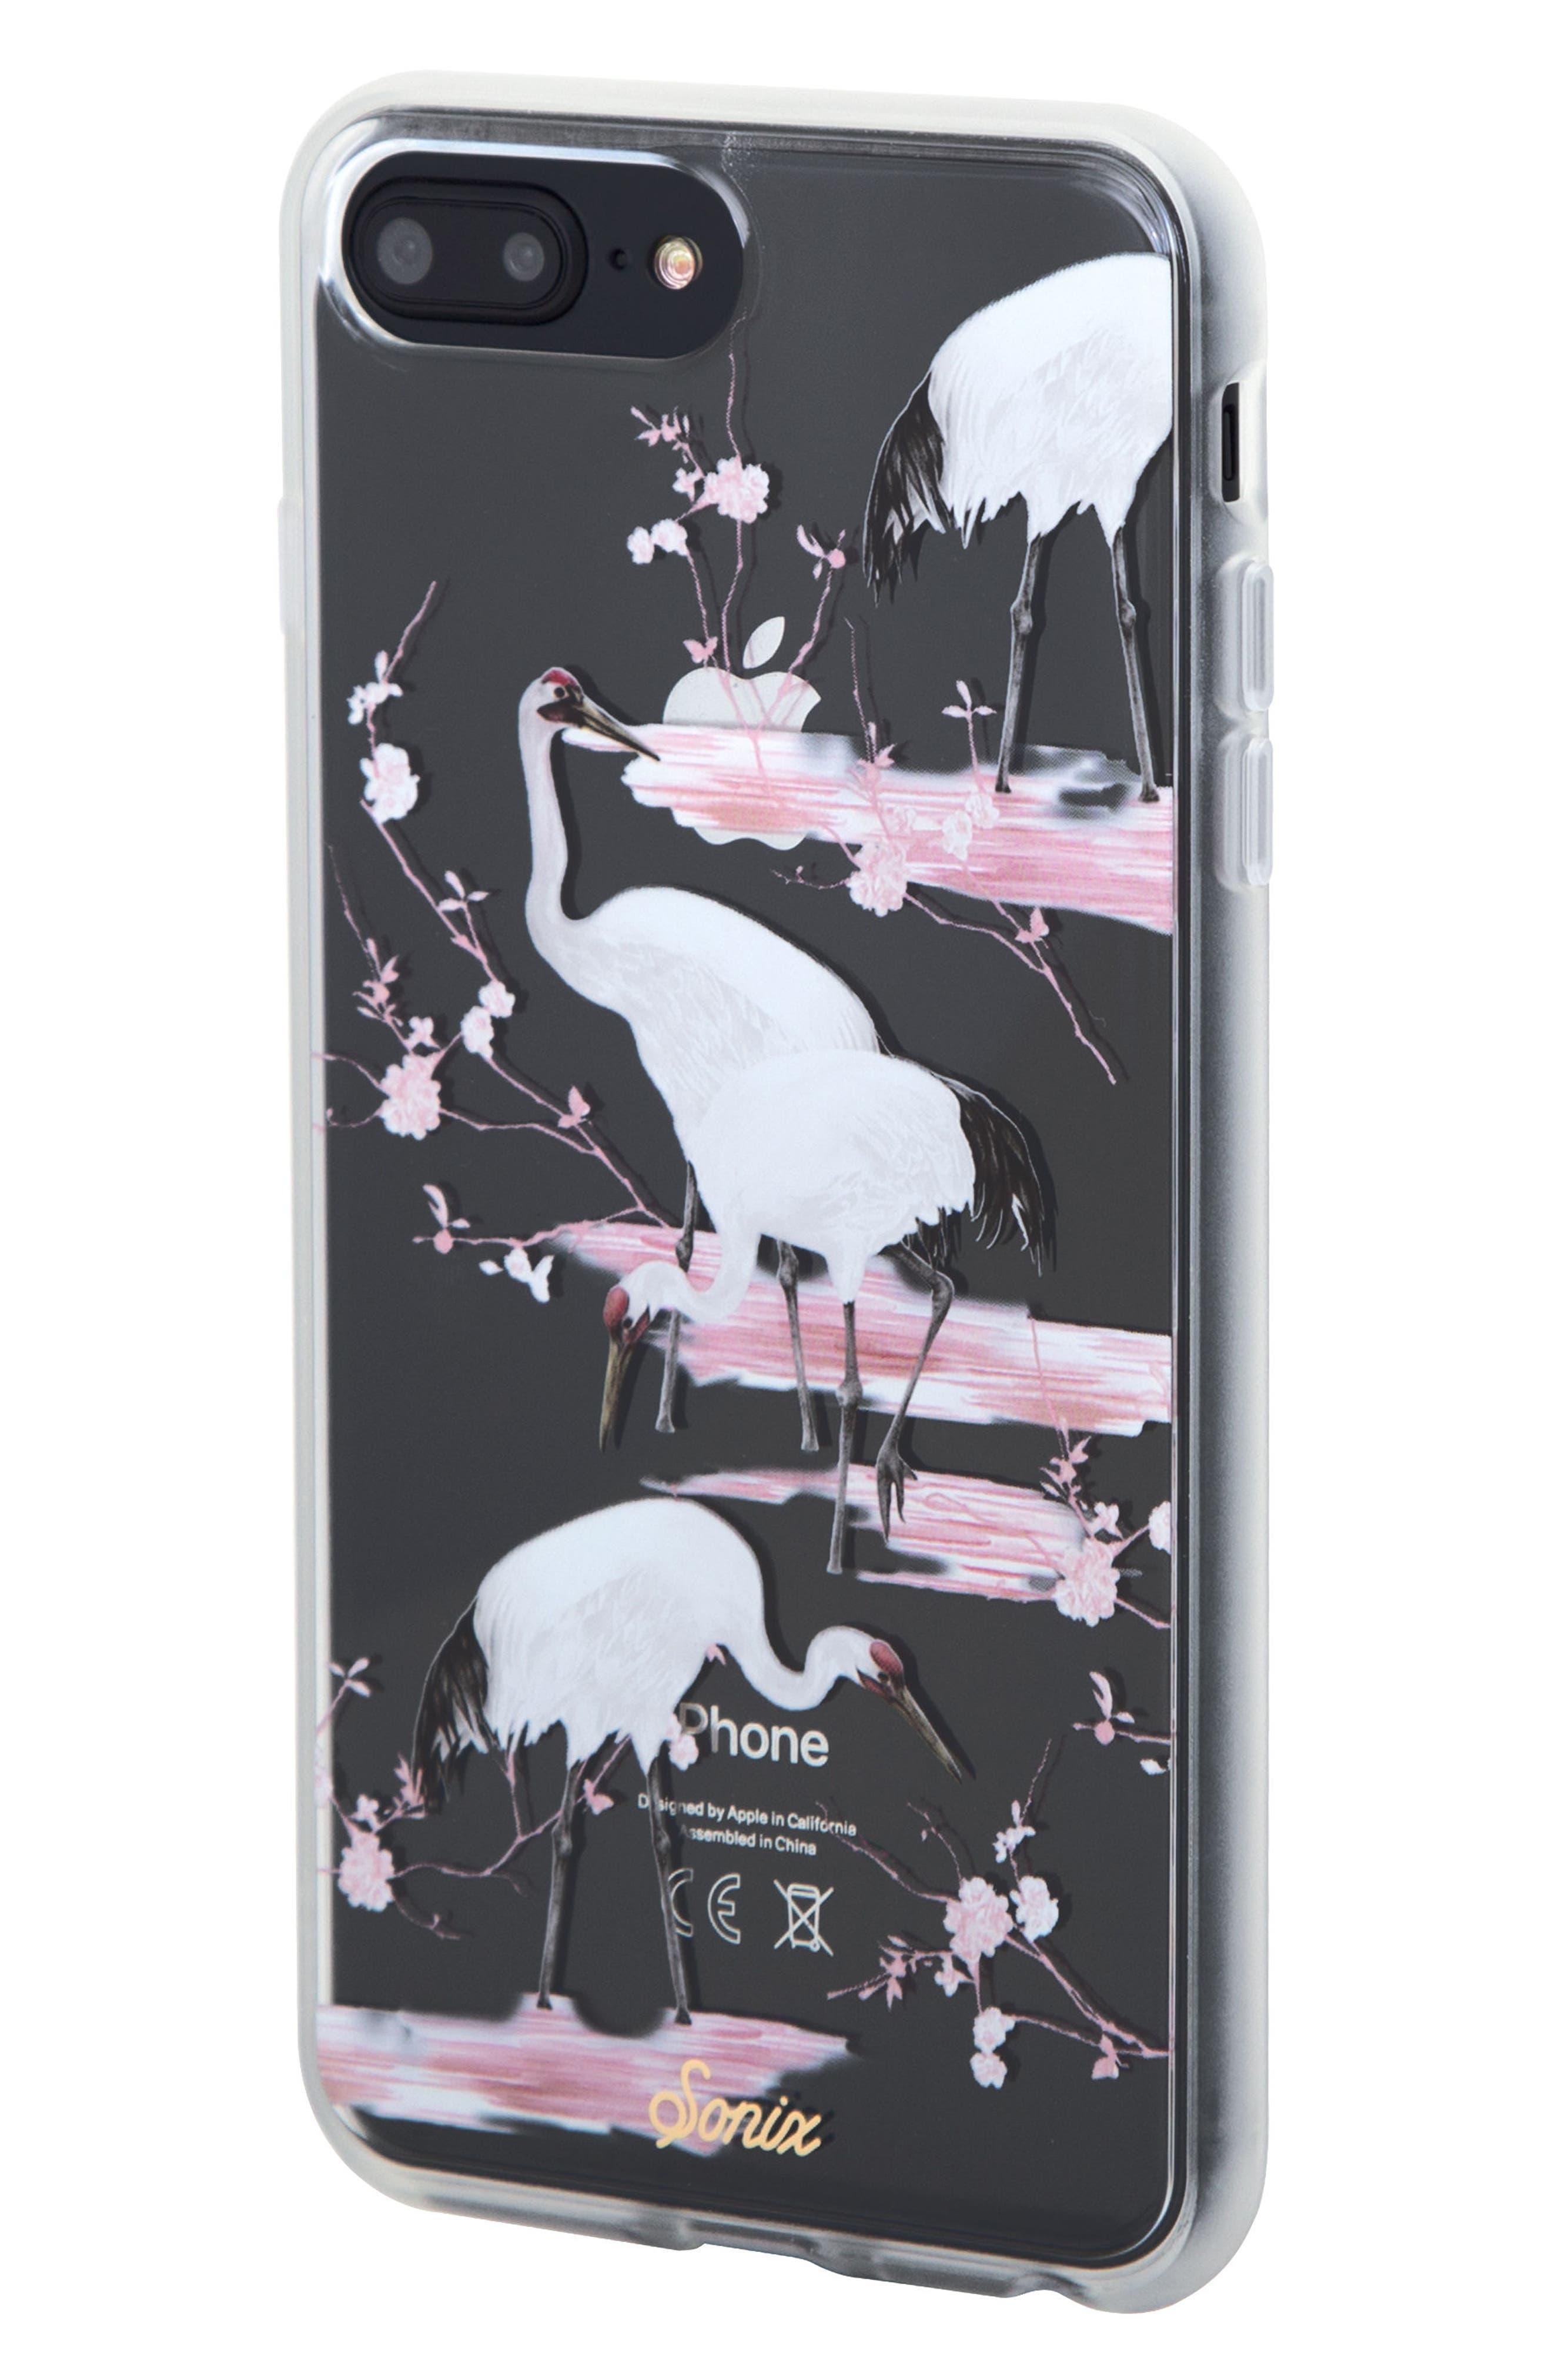 Crane iPhone 6/6s/7/8 Plus Case,                             Alternate thumbnail 2, color,                             100